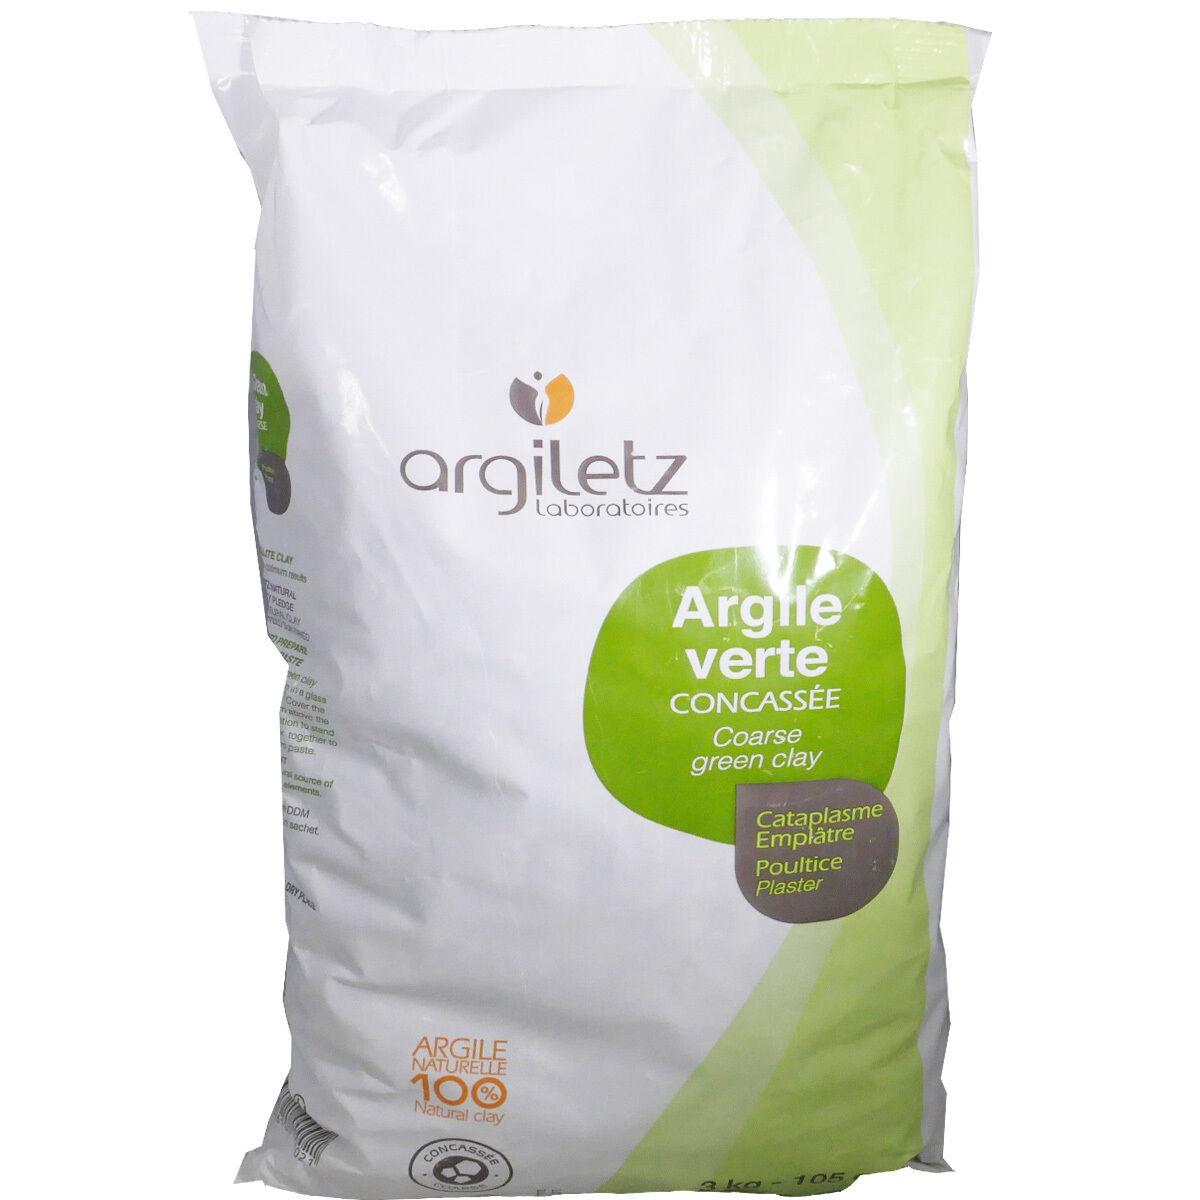 Argiletz argile verte concassee cataplasme emplatre 3 kg - 4 max / cde